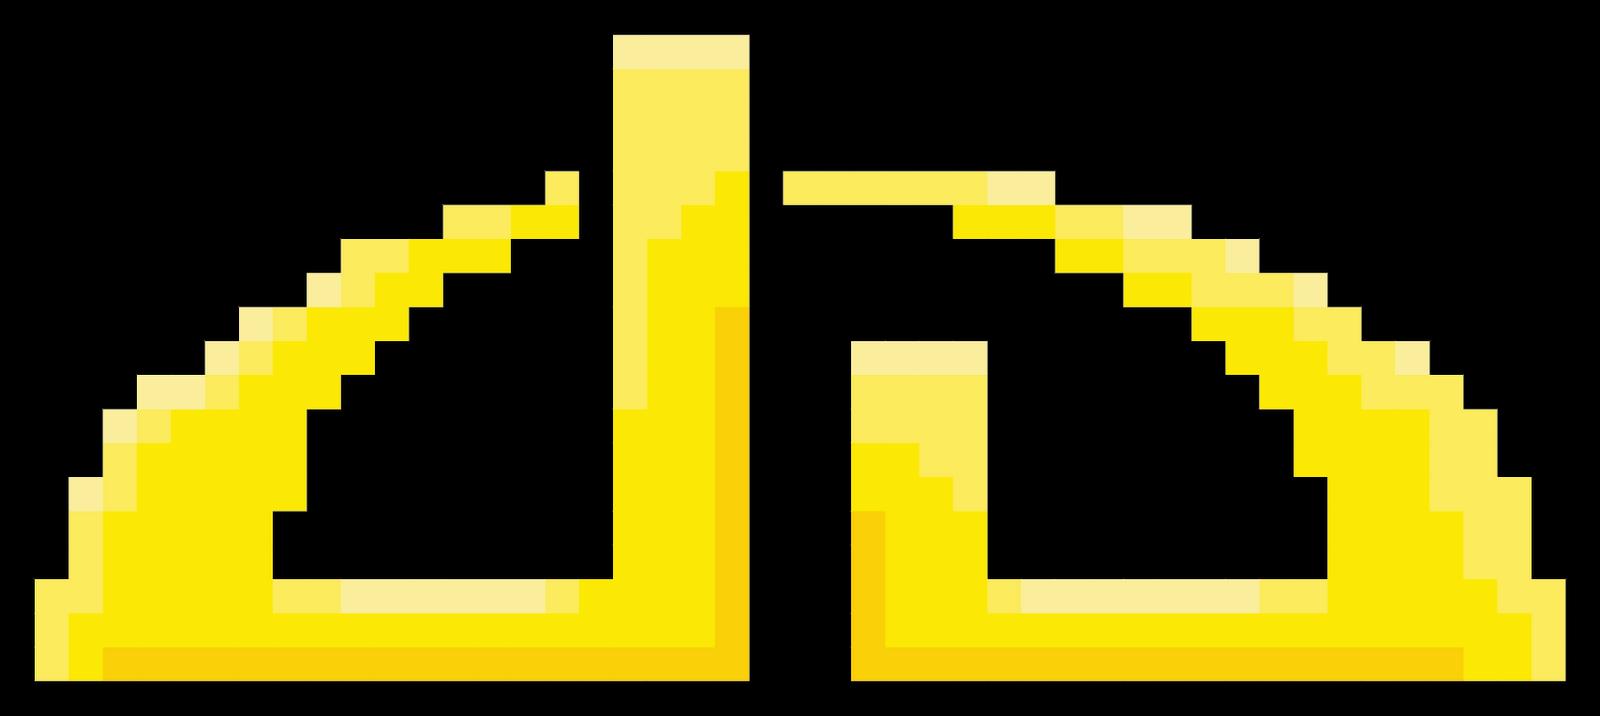 deviantart logo 10